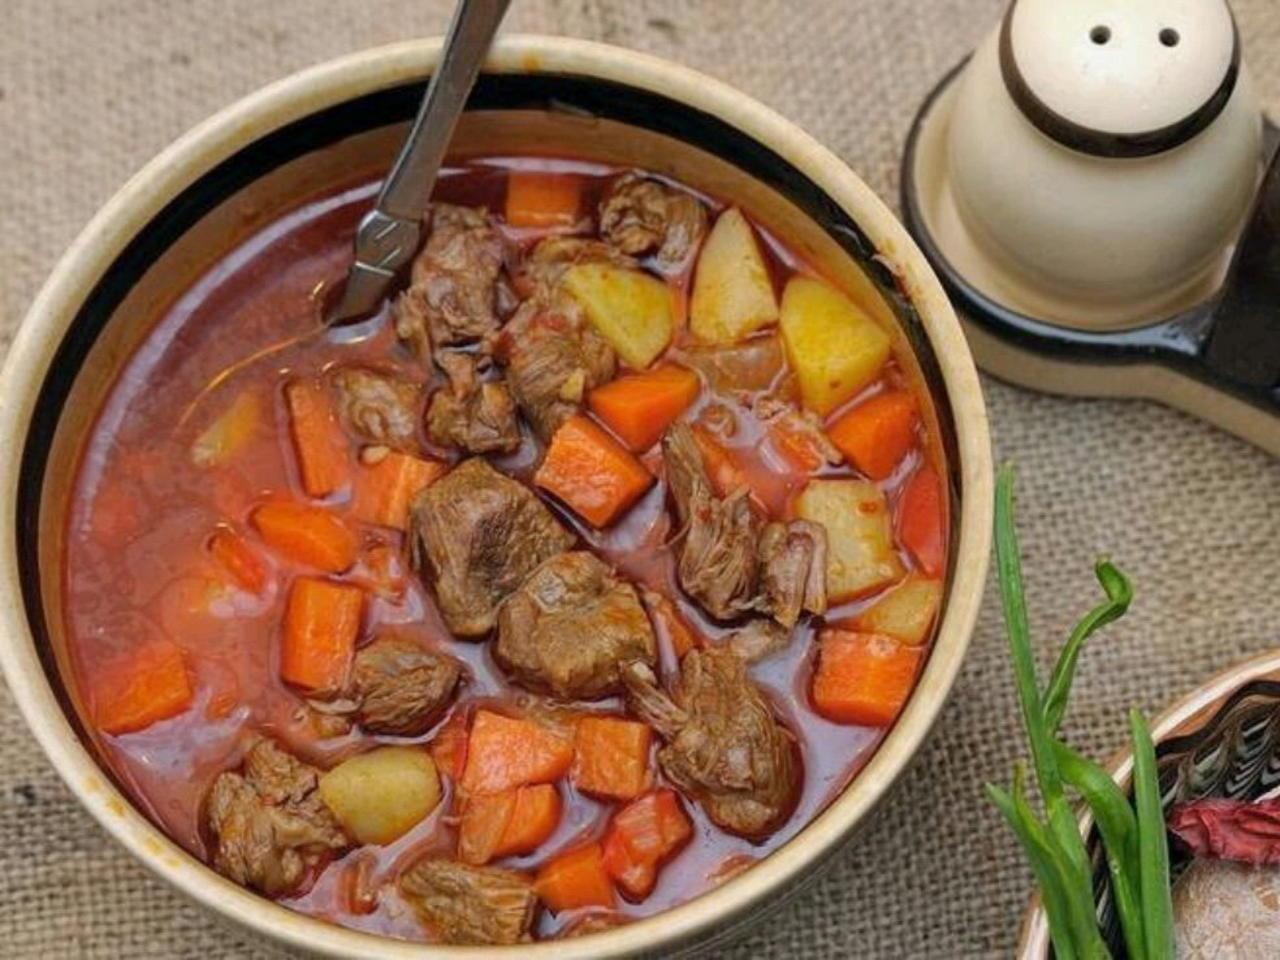 суп гуляш венгерский классический рецепт с фото впоследствии, после